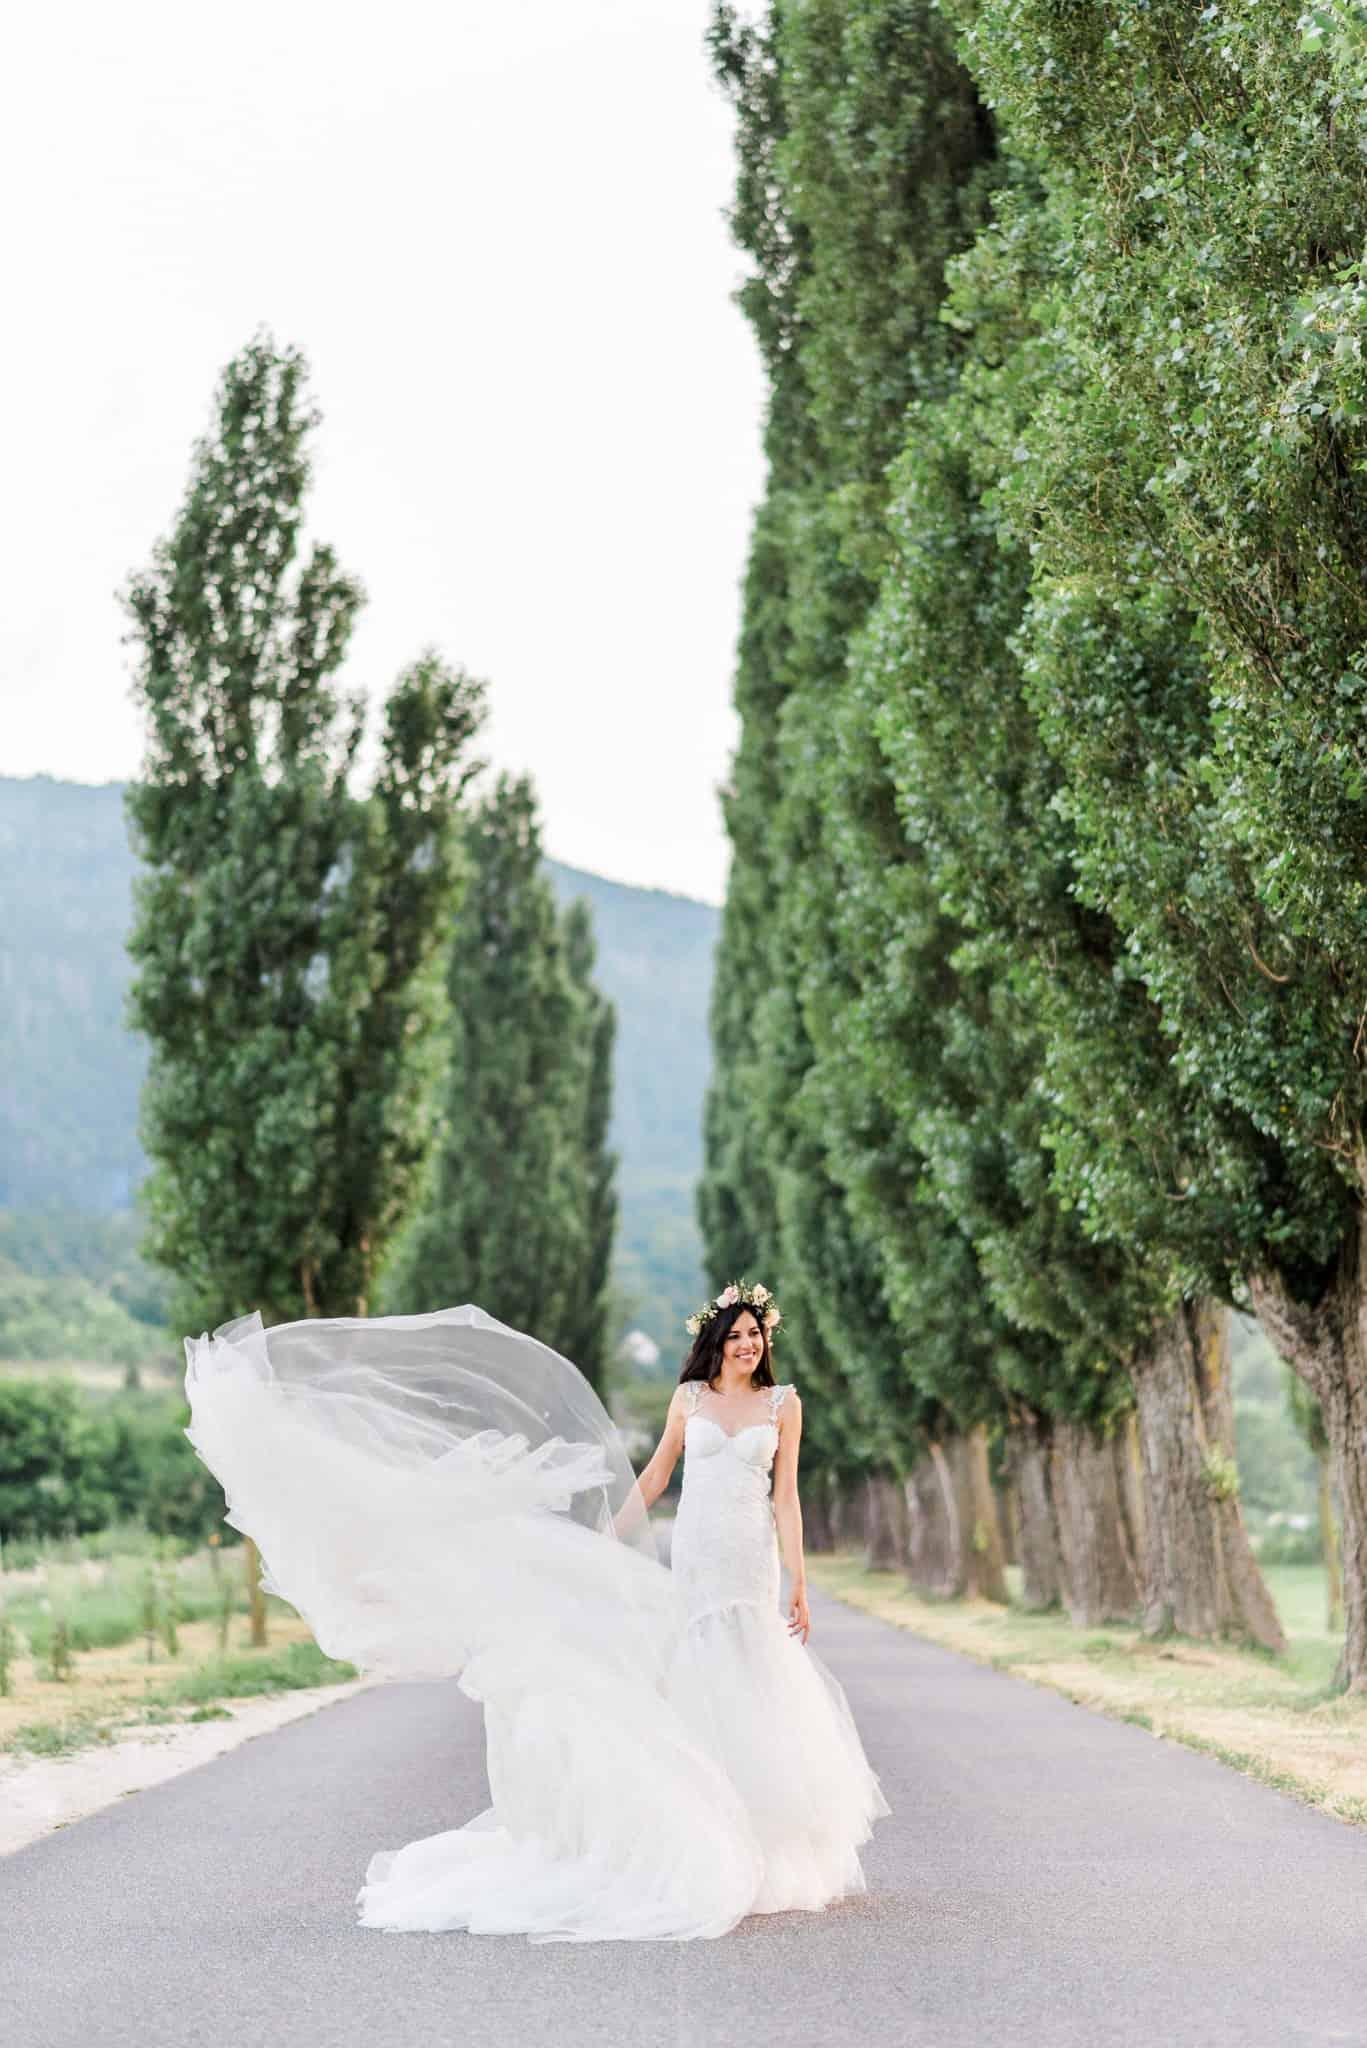 Wedoverhills_Prewedding_Italy_Fineart_Wedding_Photographer_0049